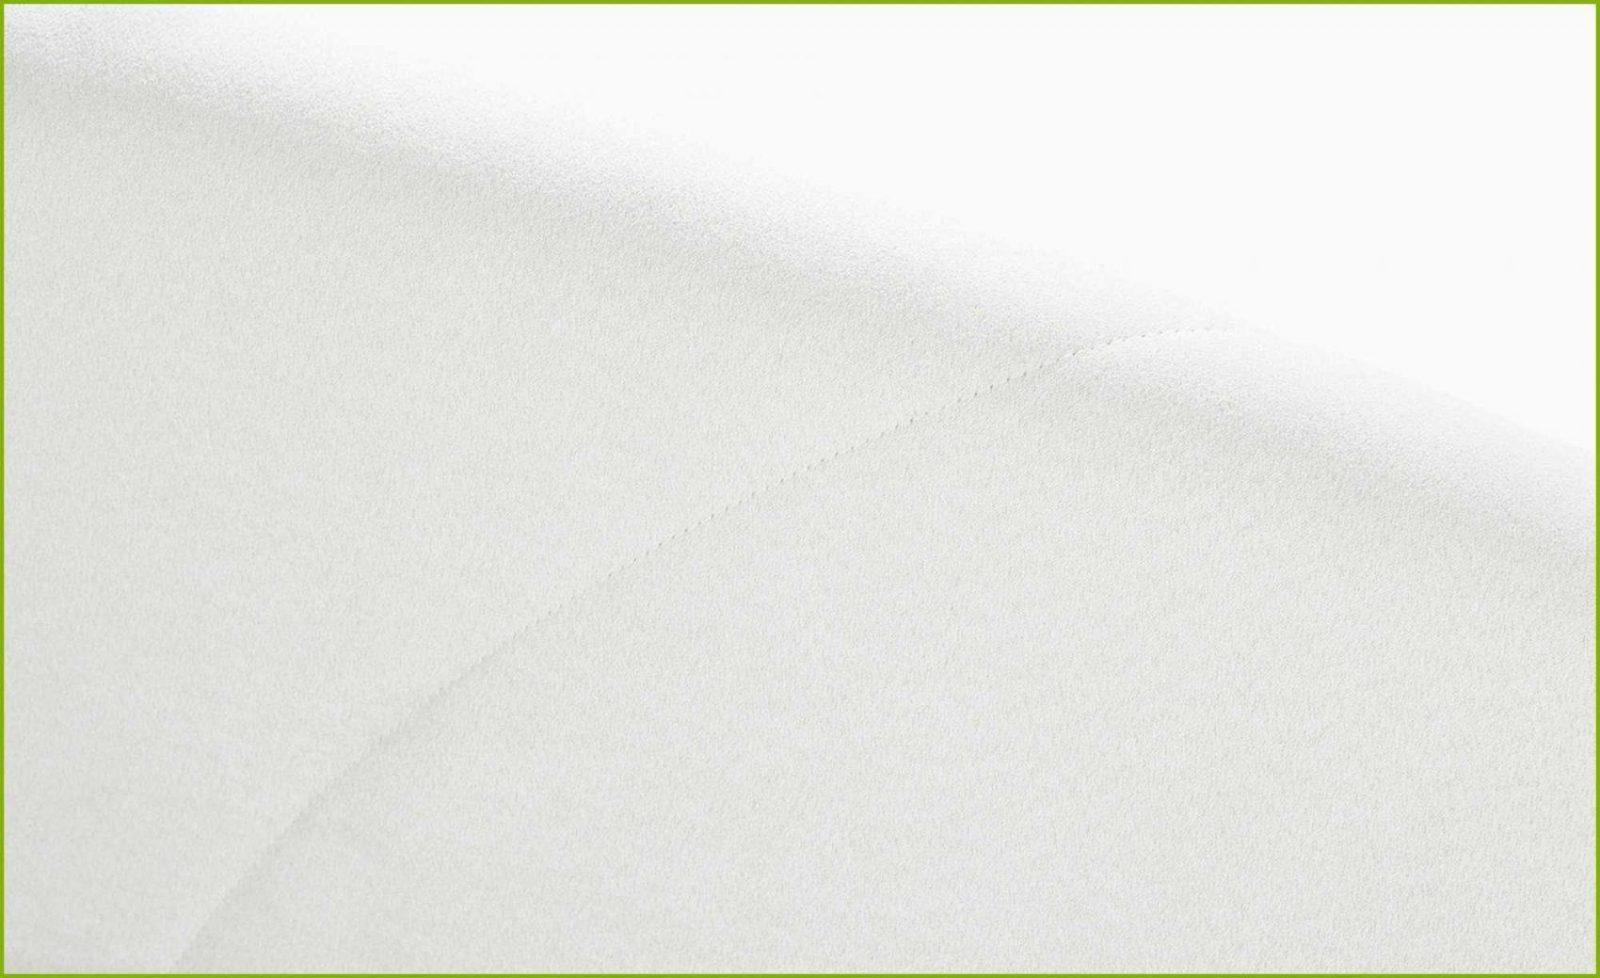 K chenarbeitsplatte 70 cm breit haus design ideen for Arbeitsplatte 70 cm